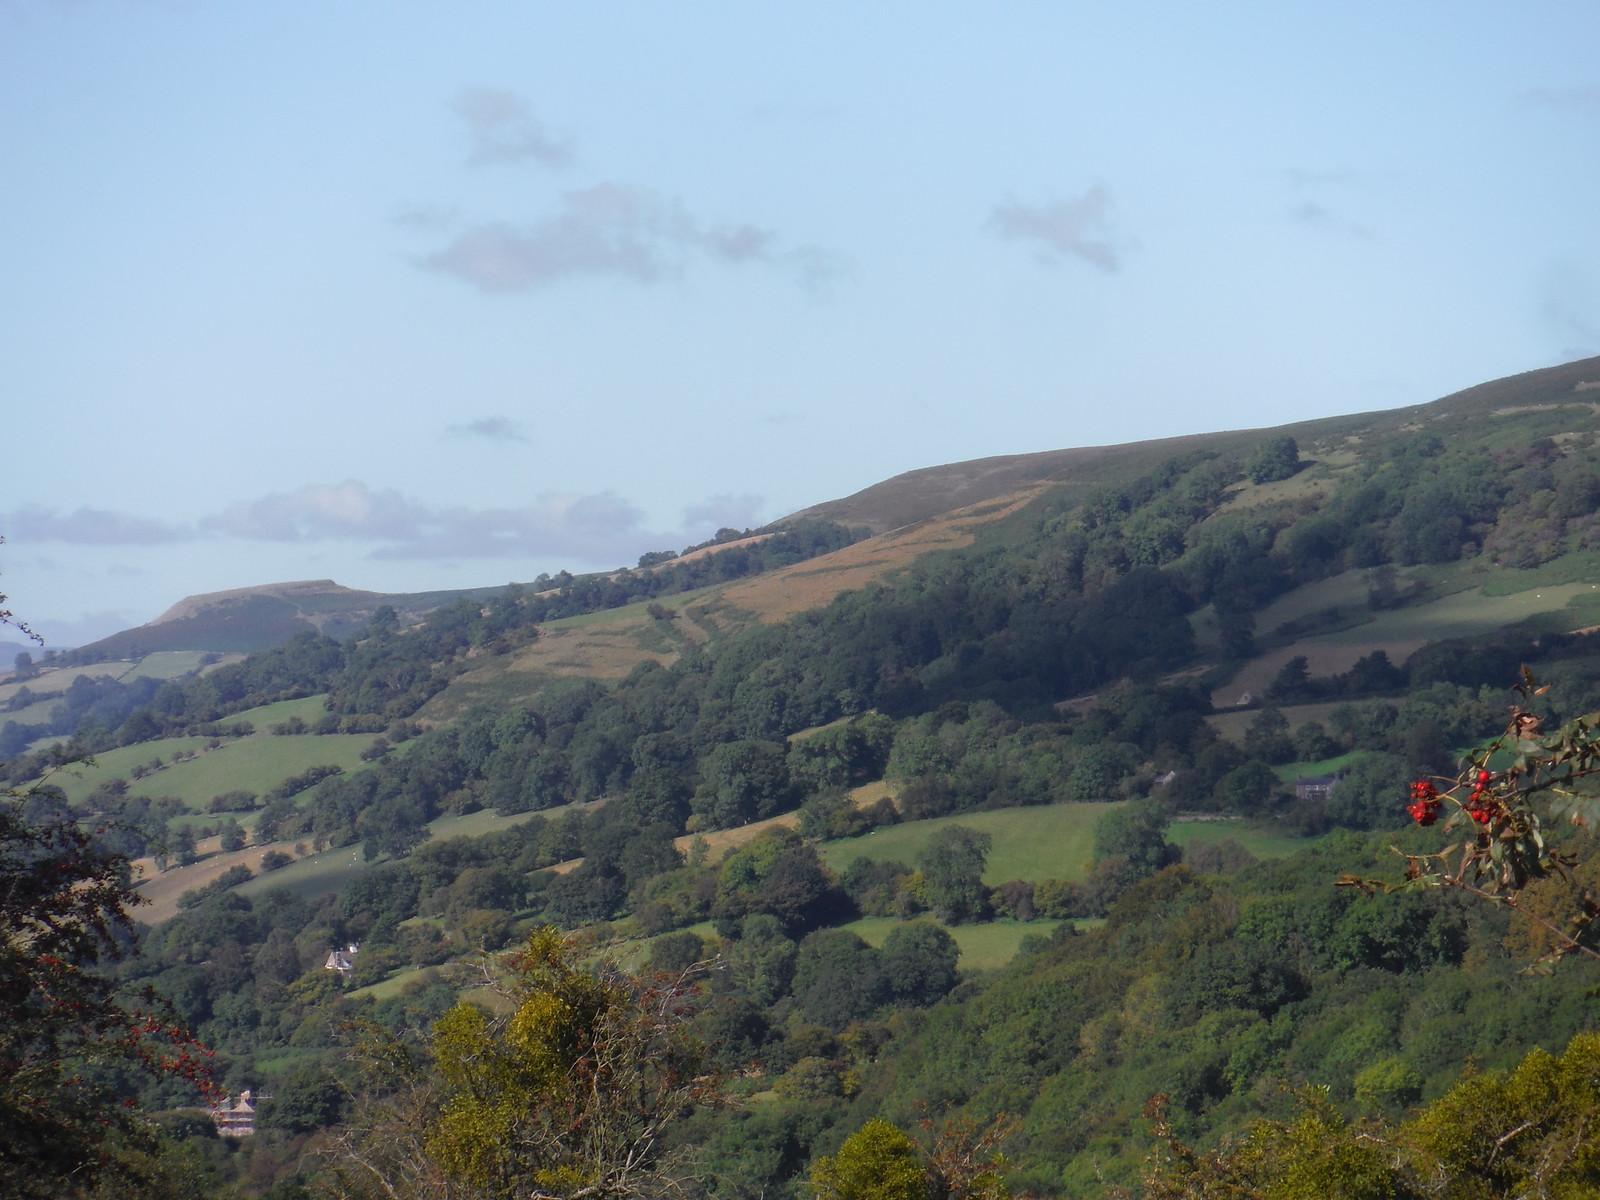 View towards Crug Hywel, from Bryn Arw SWC Walk 347 - Llanvihangel Crucorney Circular (via Bryn Arw and The Skirrid)